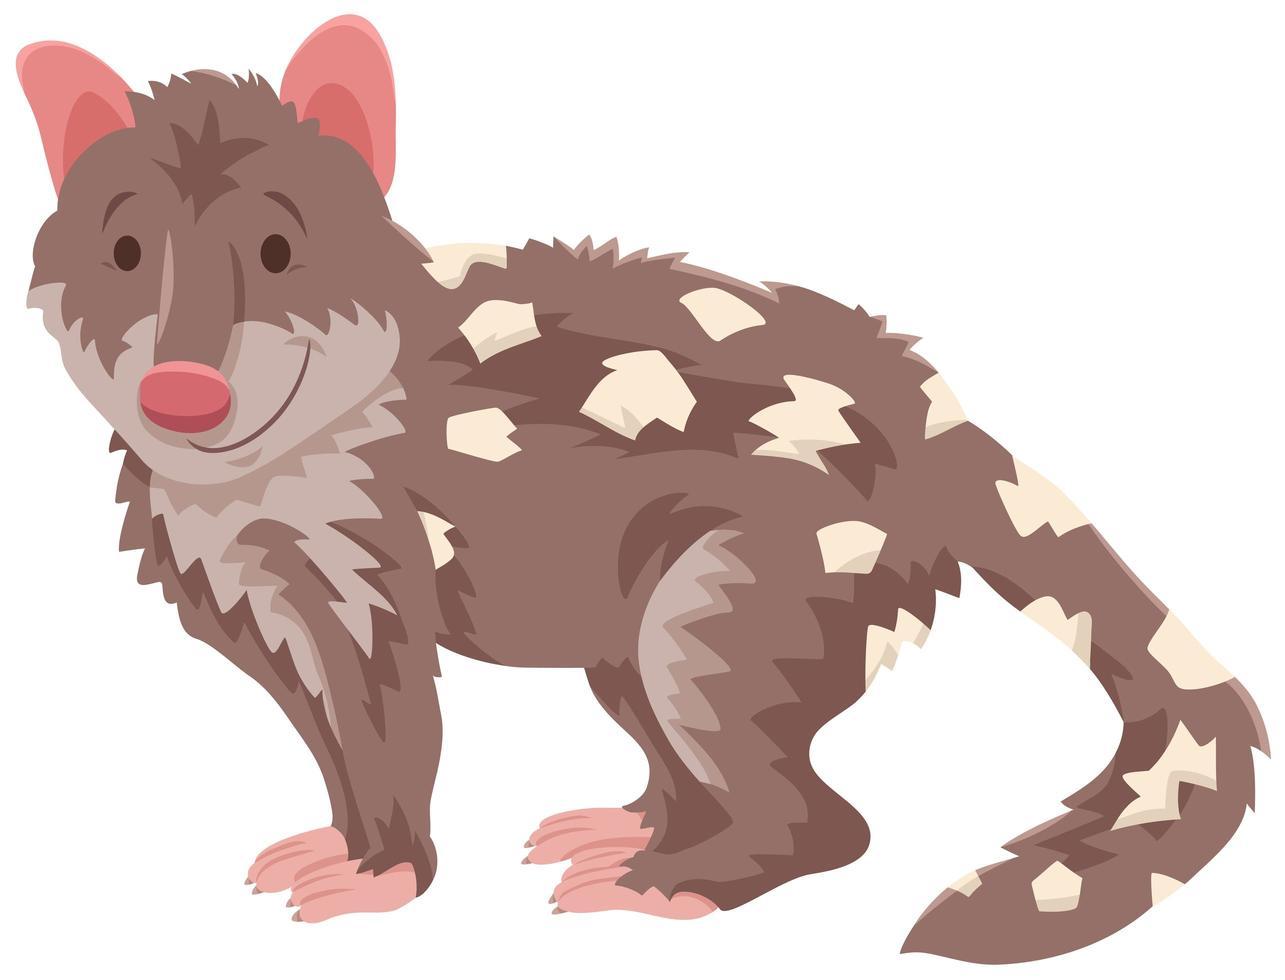 quoll tecknad vilda djur karaktär vektor